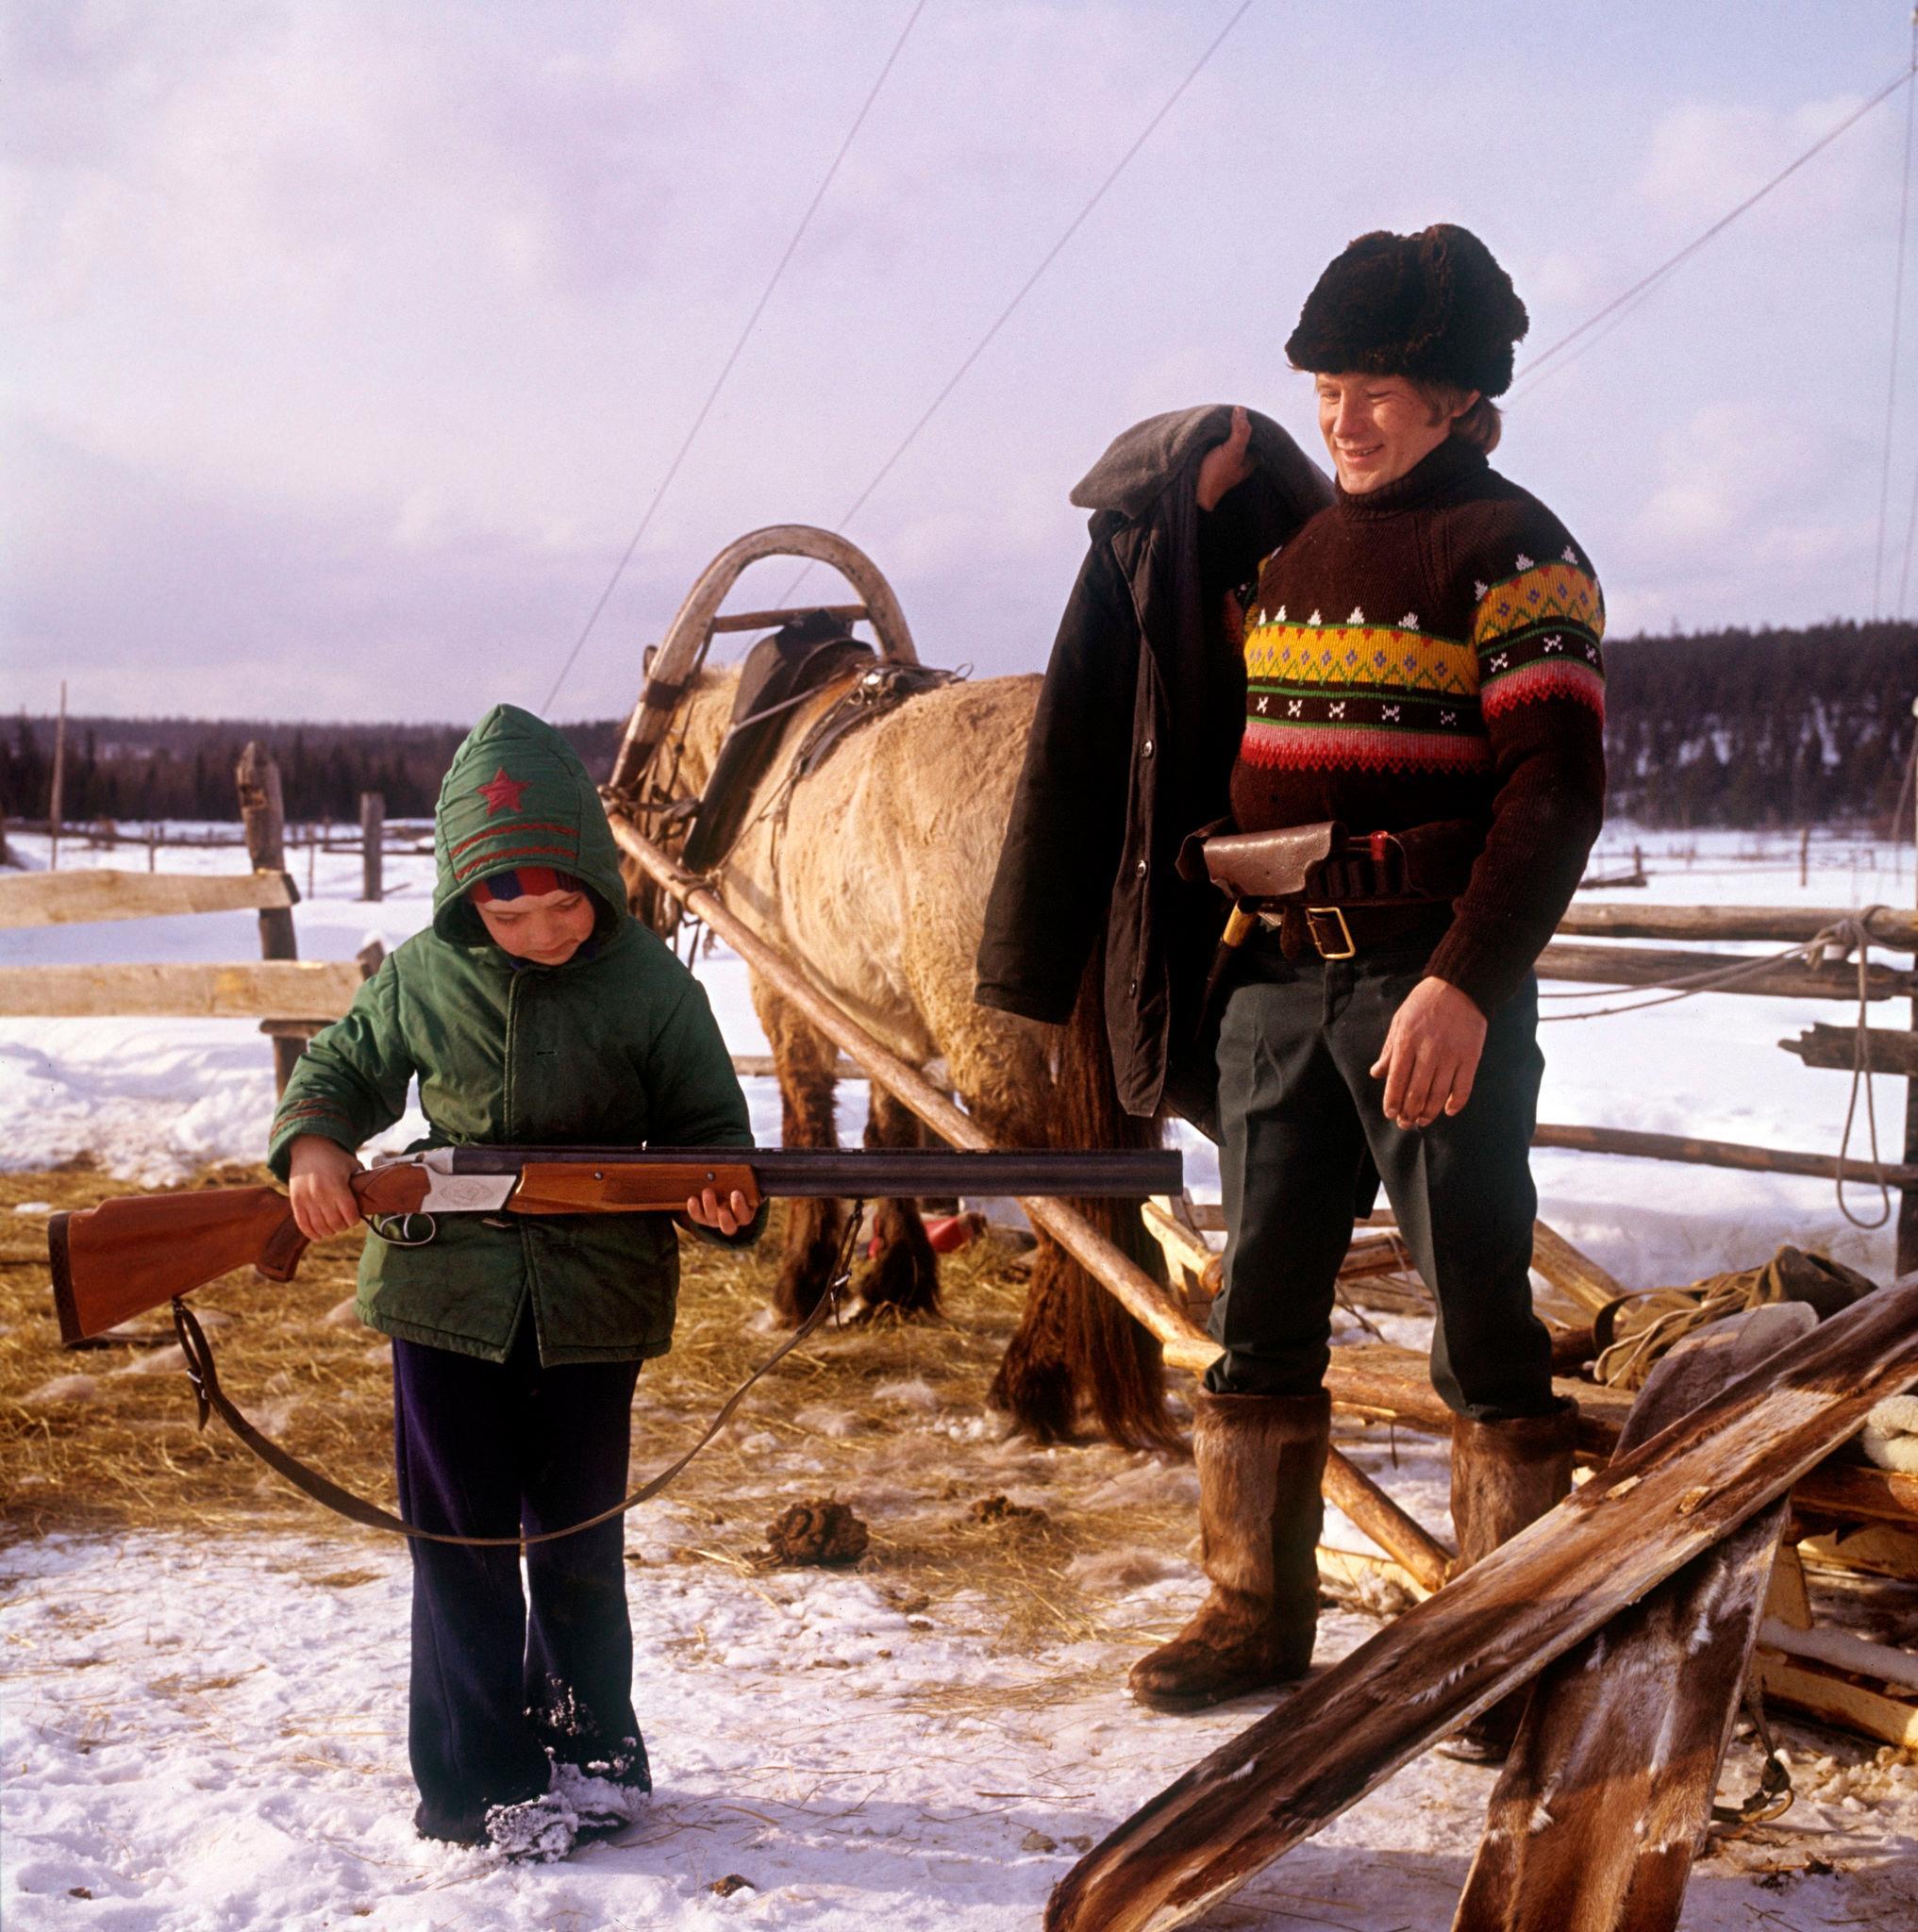 1970. Семья охотников, метеостанция Катулья